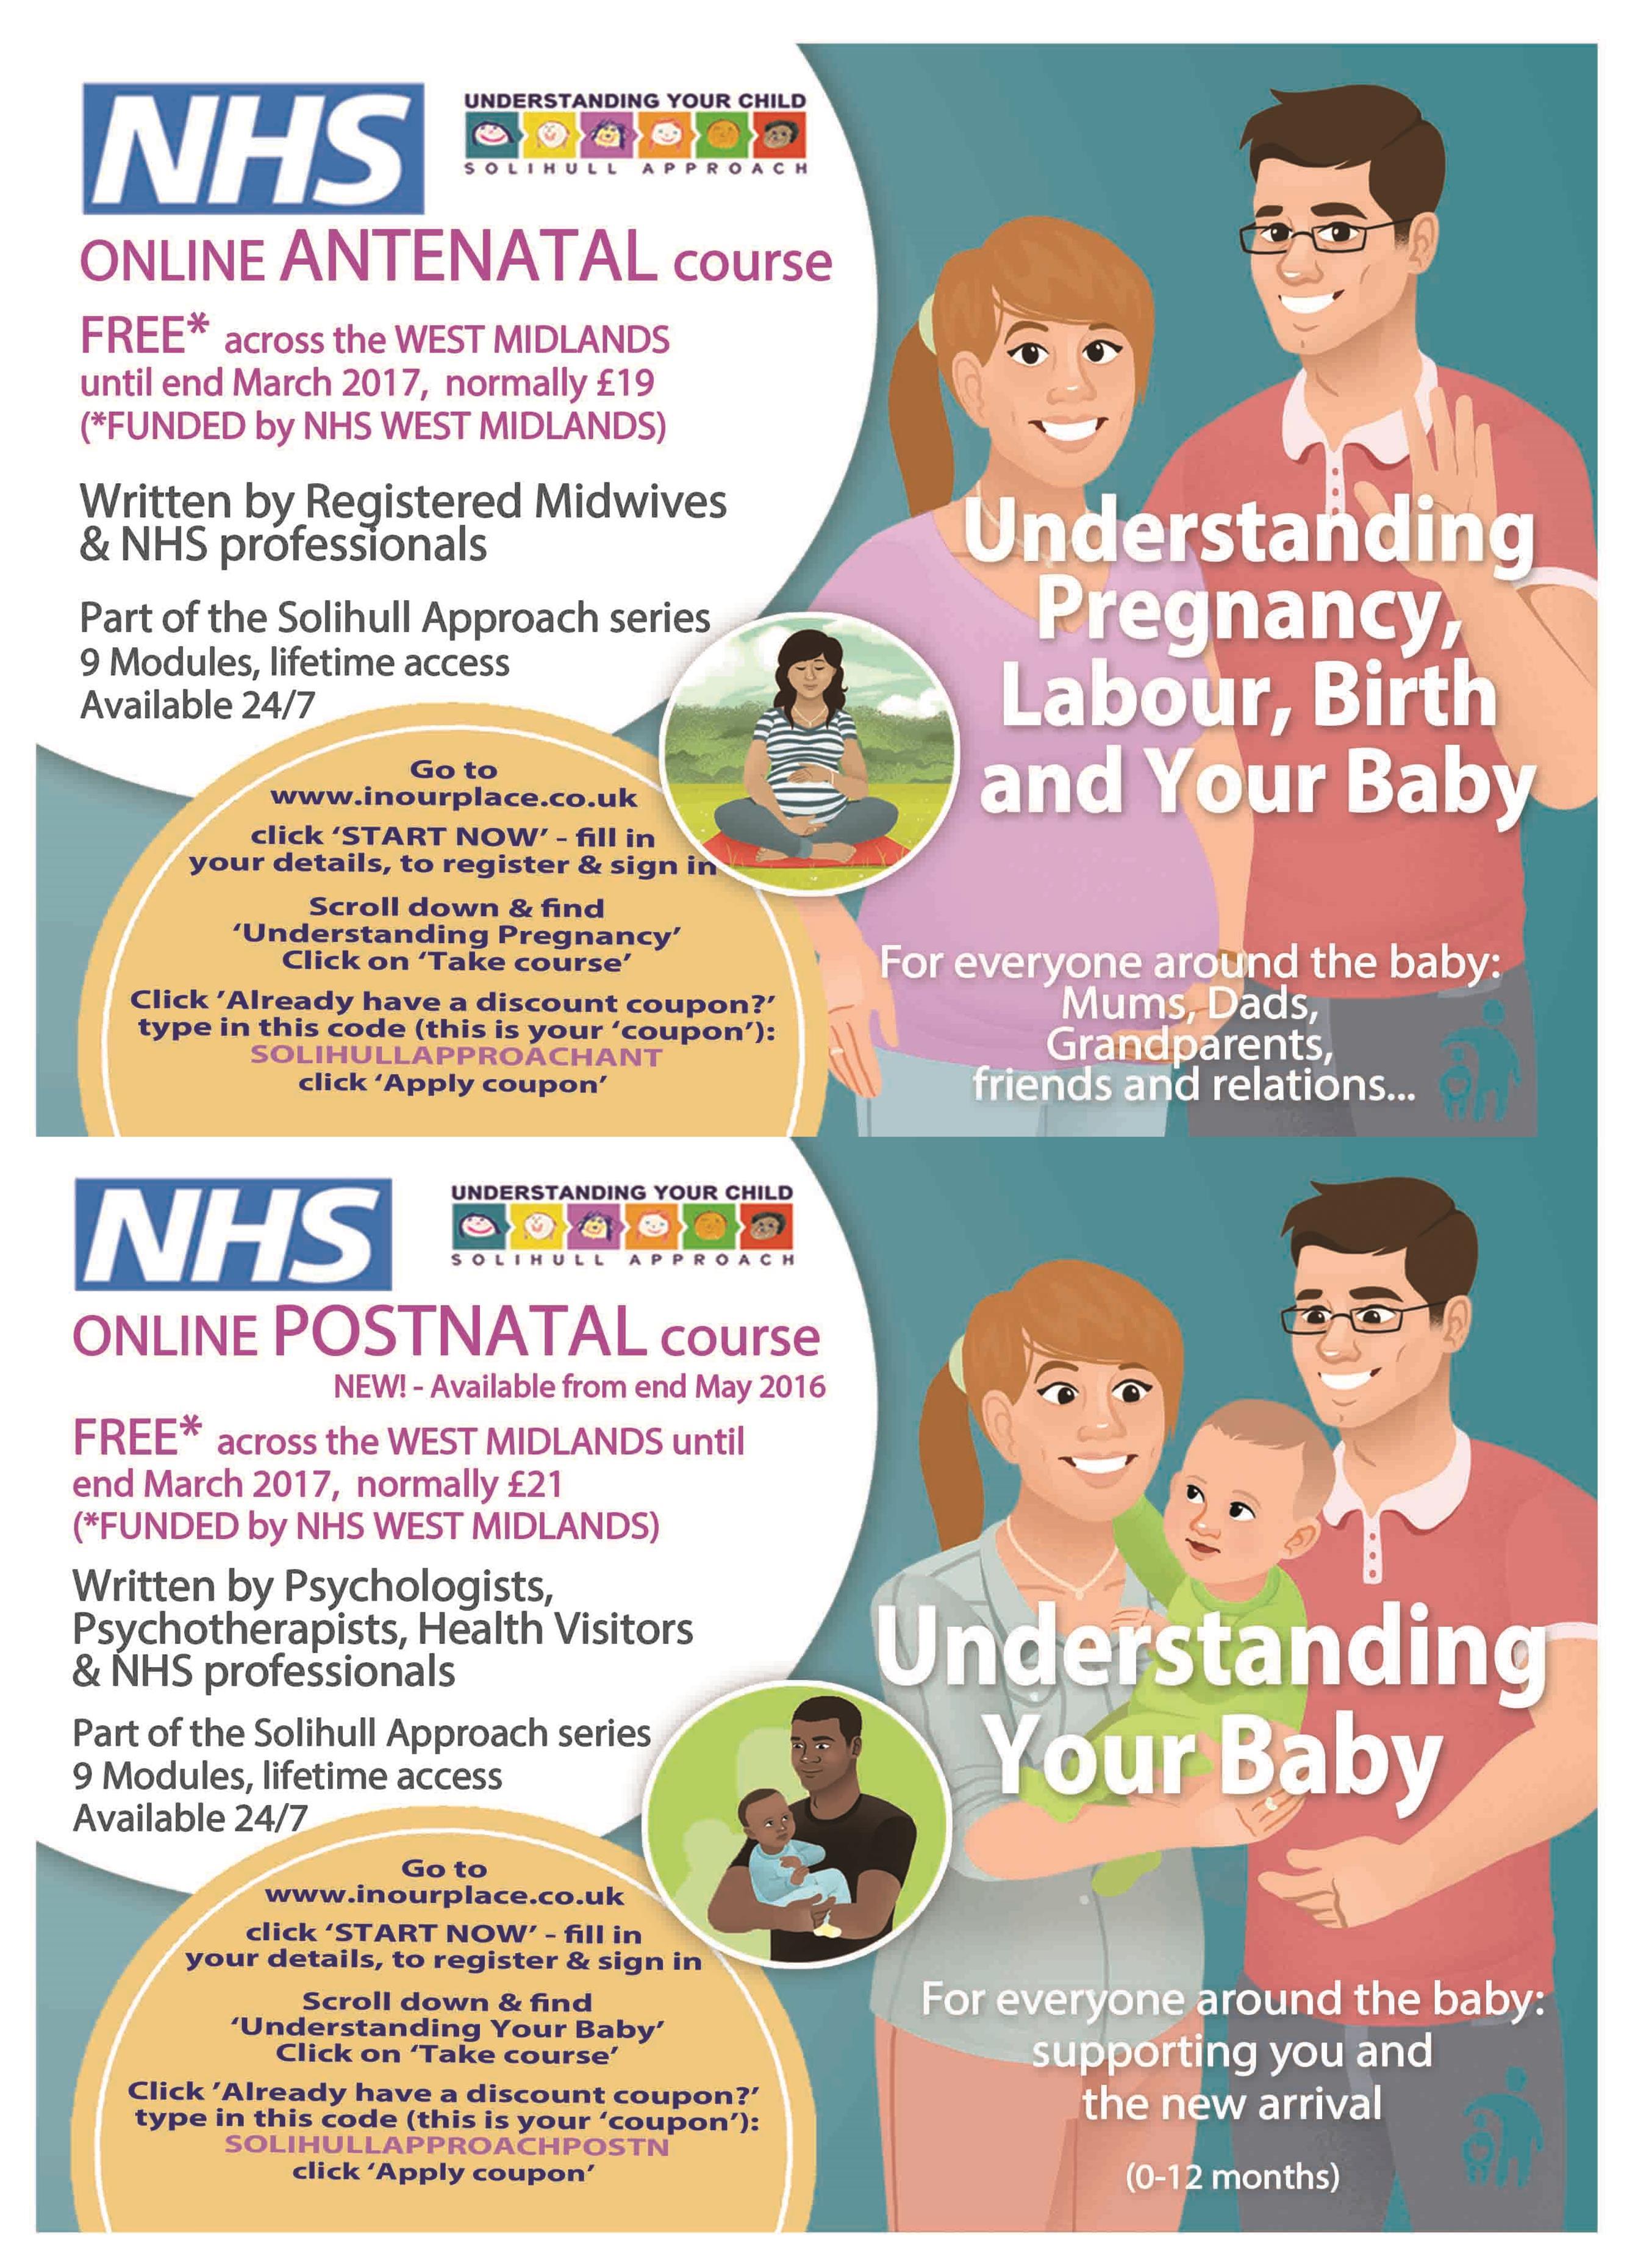 Online Antenatal and postnatal courses